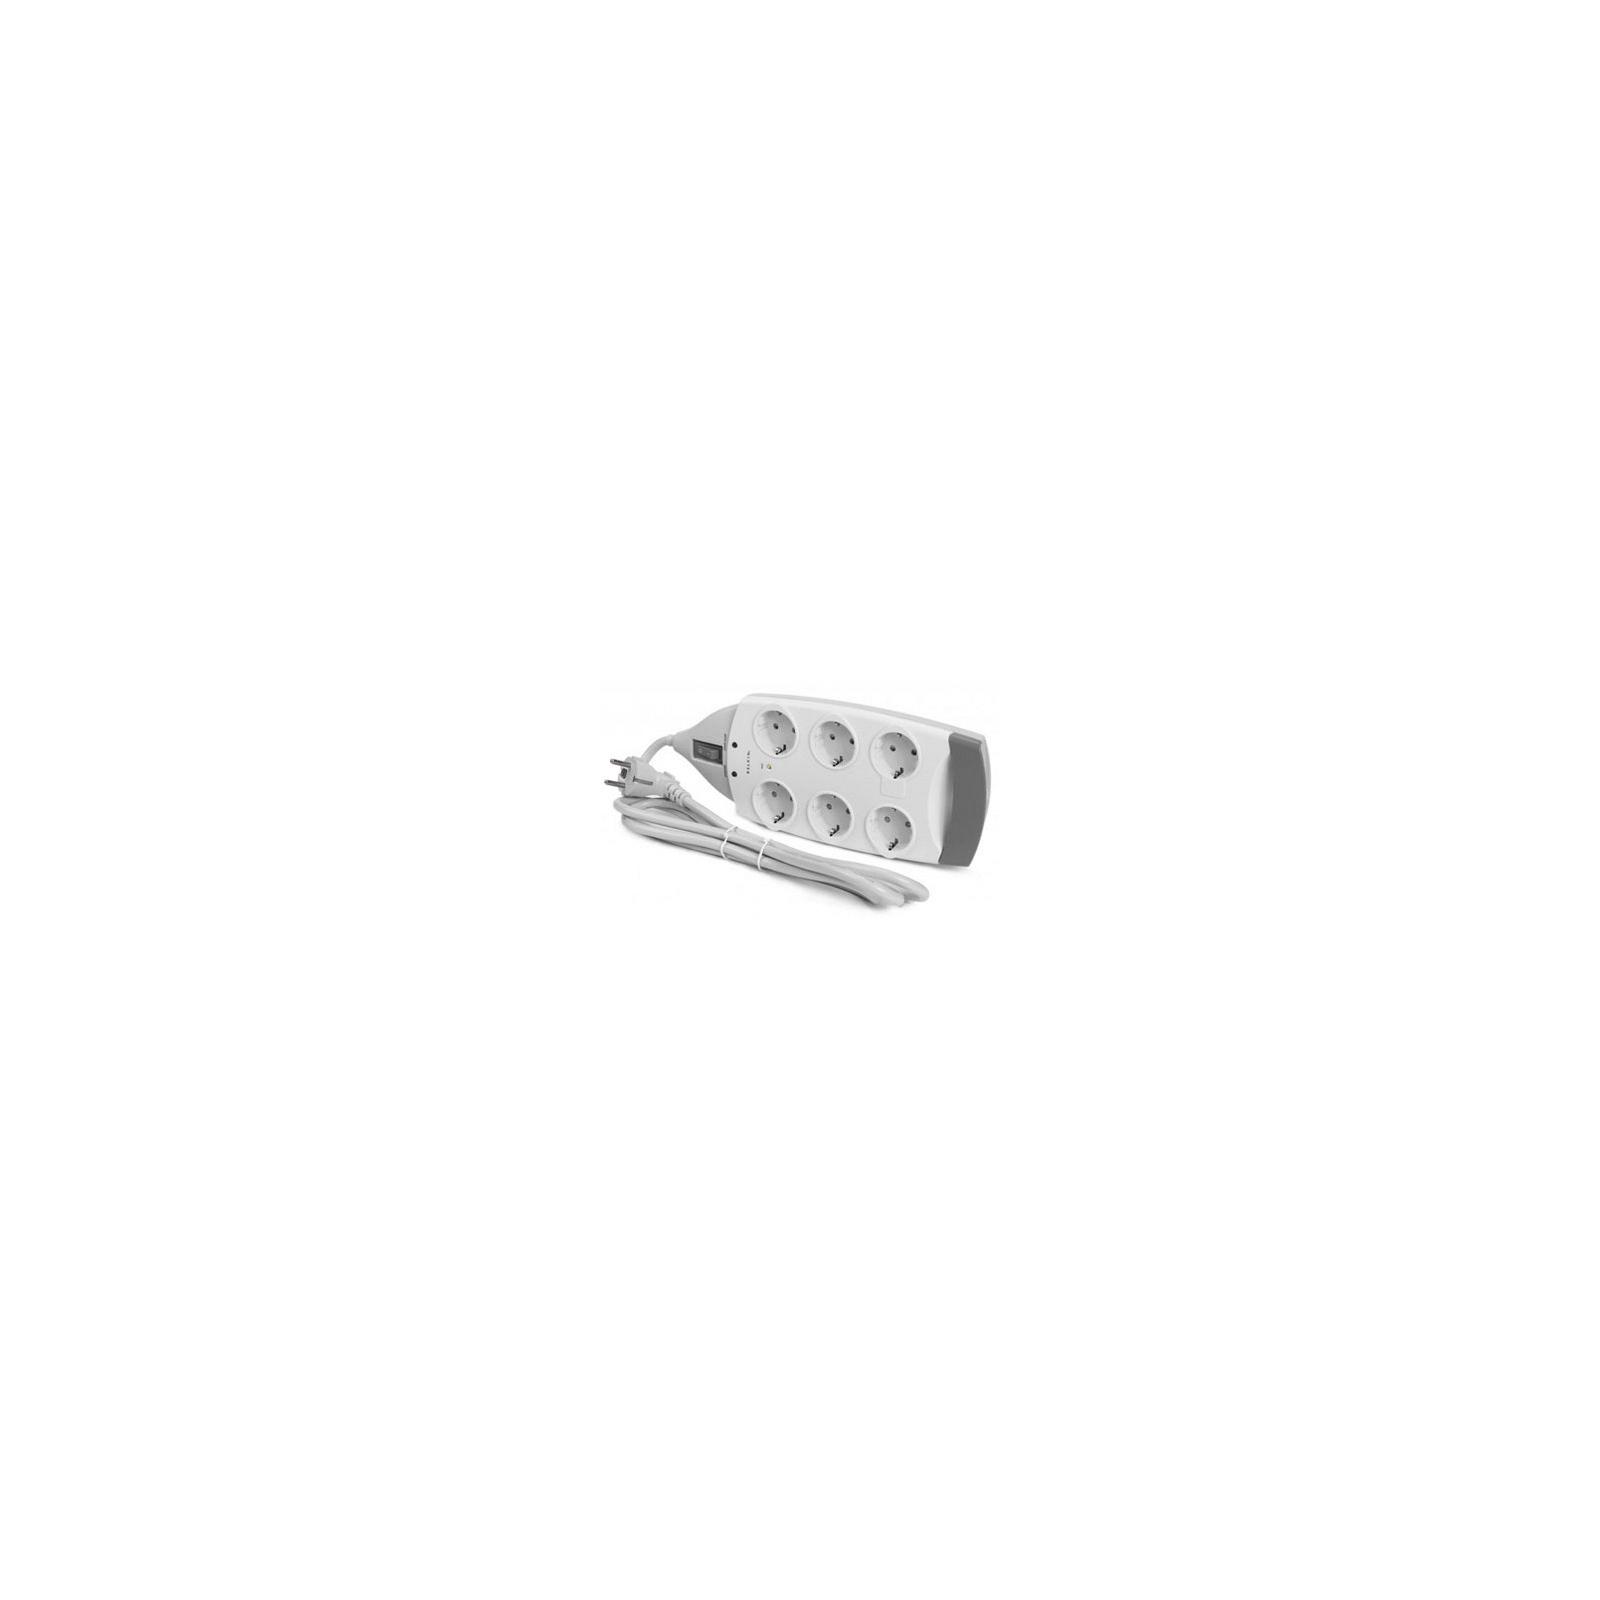 Сетевой фильтр питания Belkin Superior SurgeMaster 2м (F9S600EN2M)